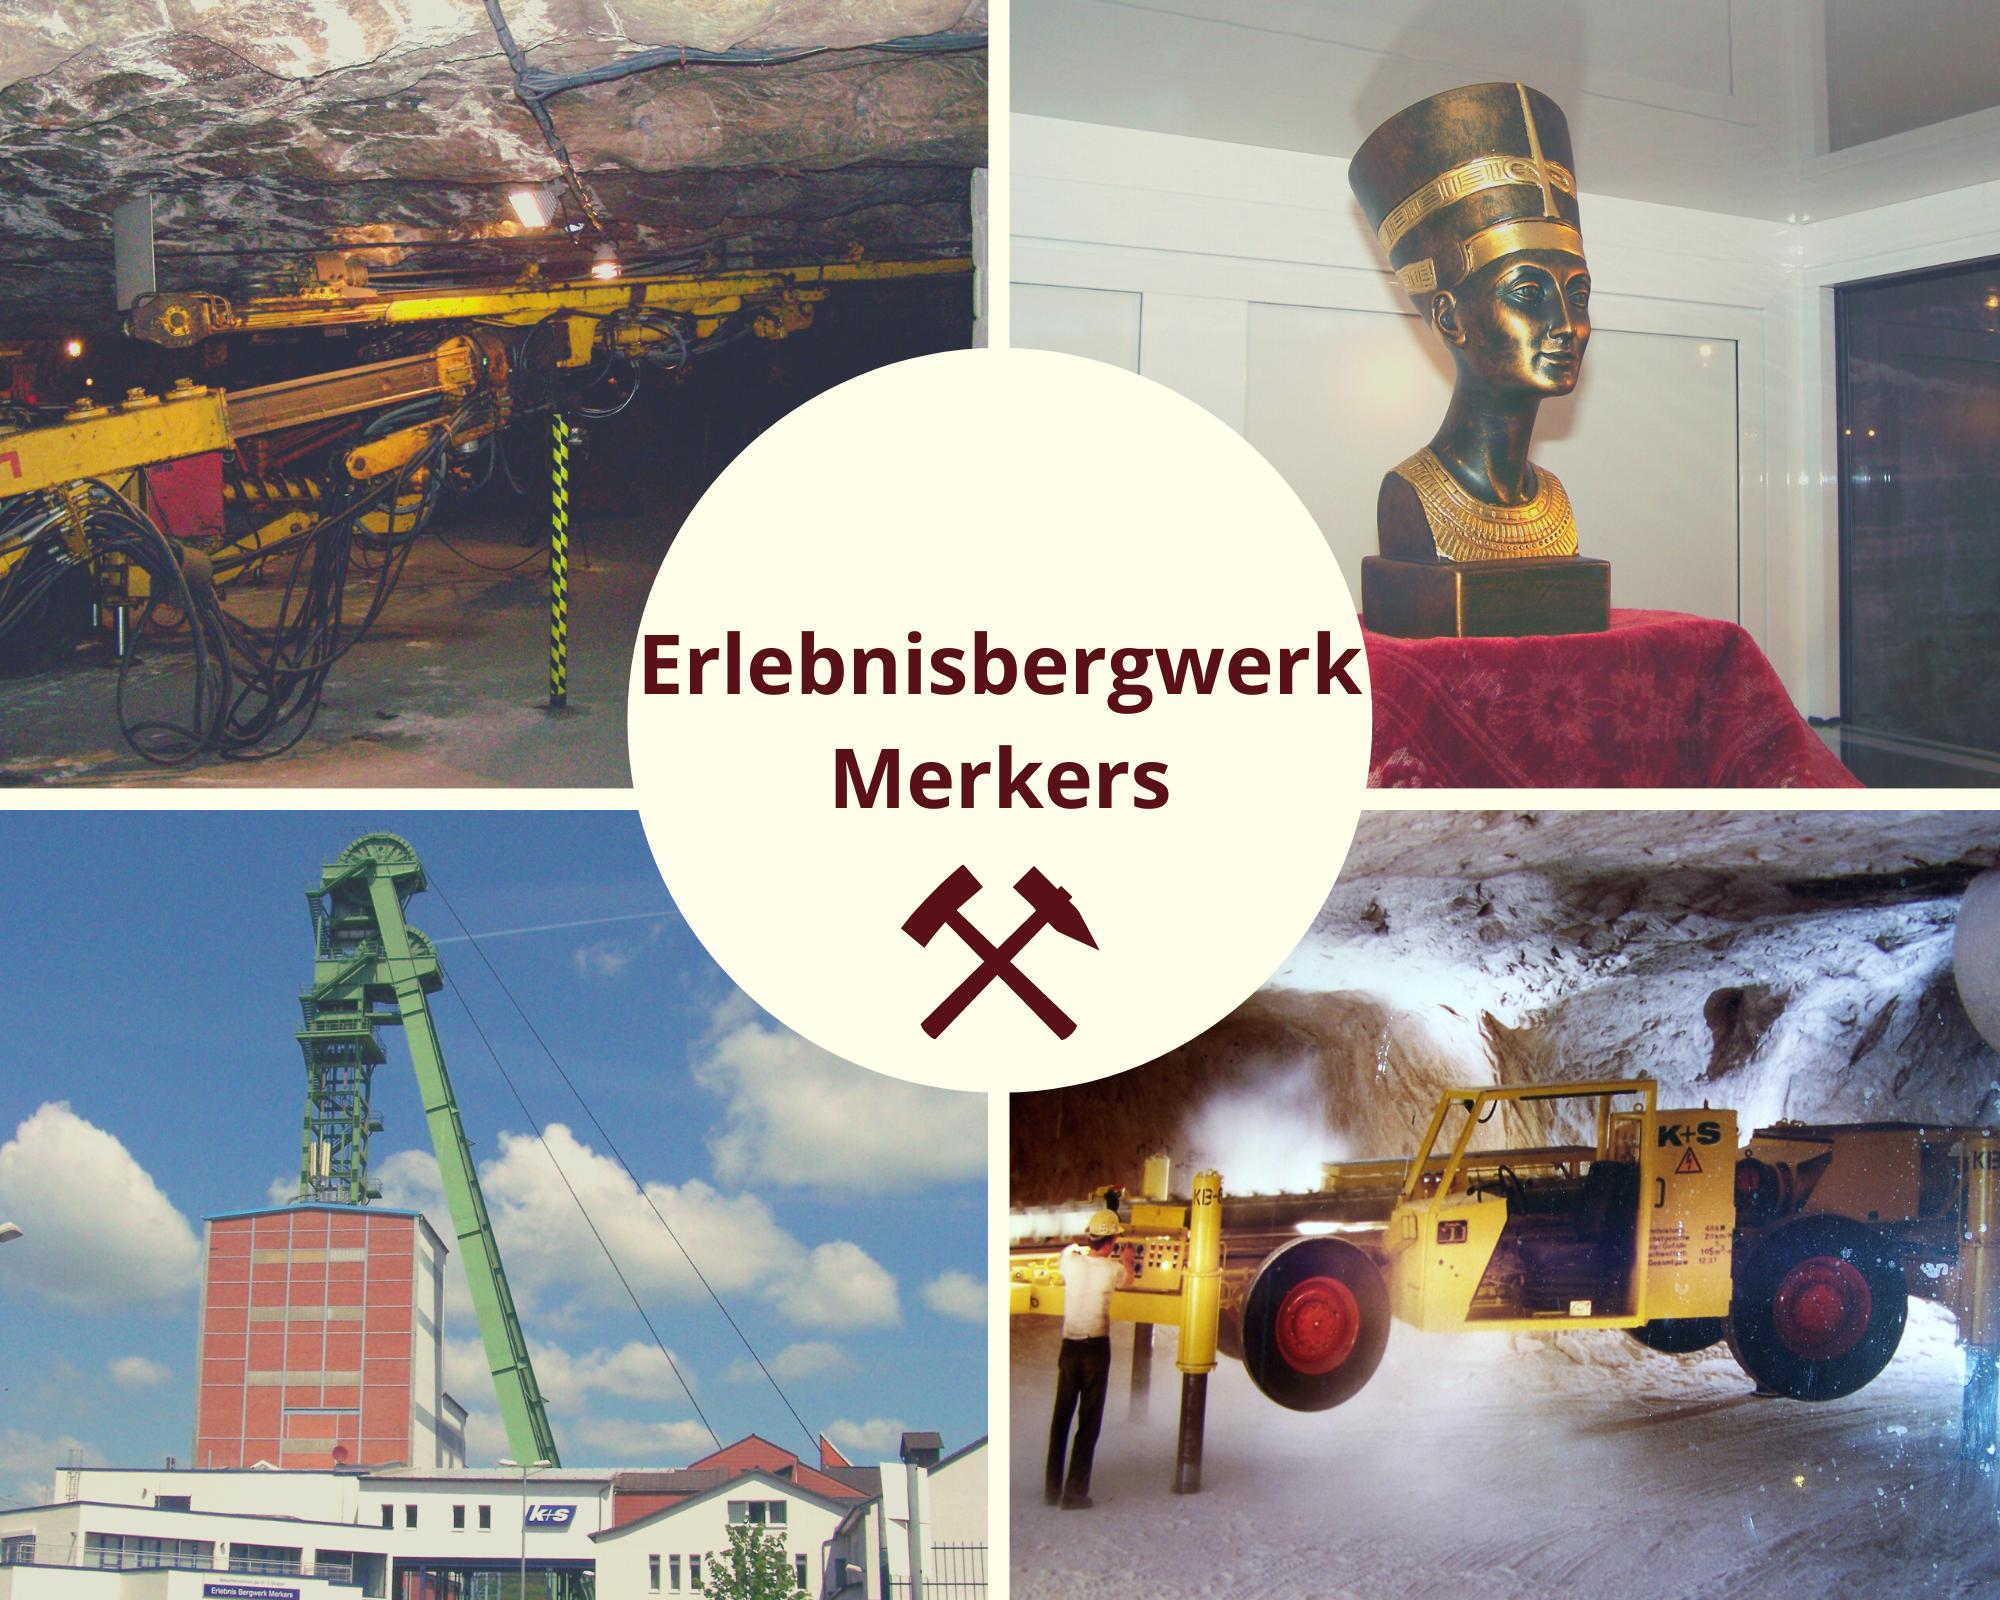 Erlebnisbergwerk Merkers am 13.11.2021